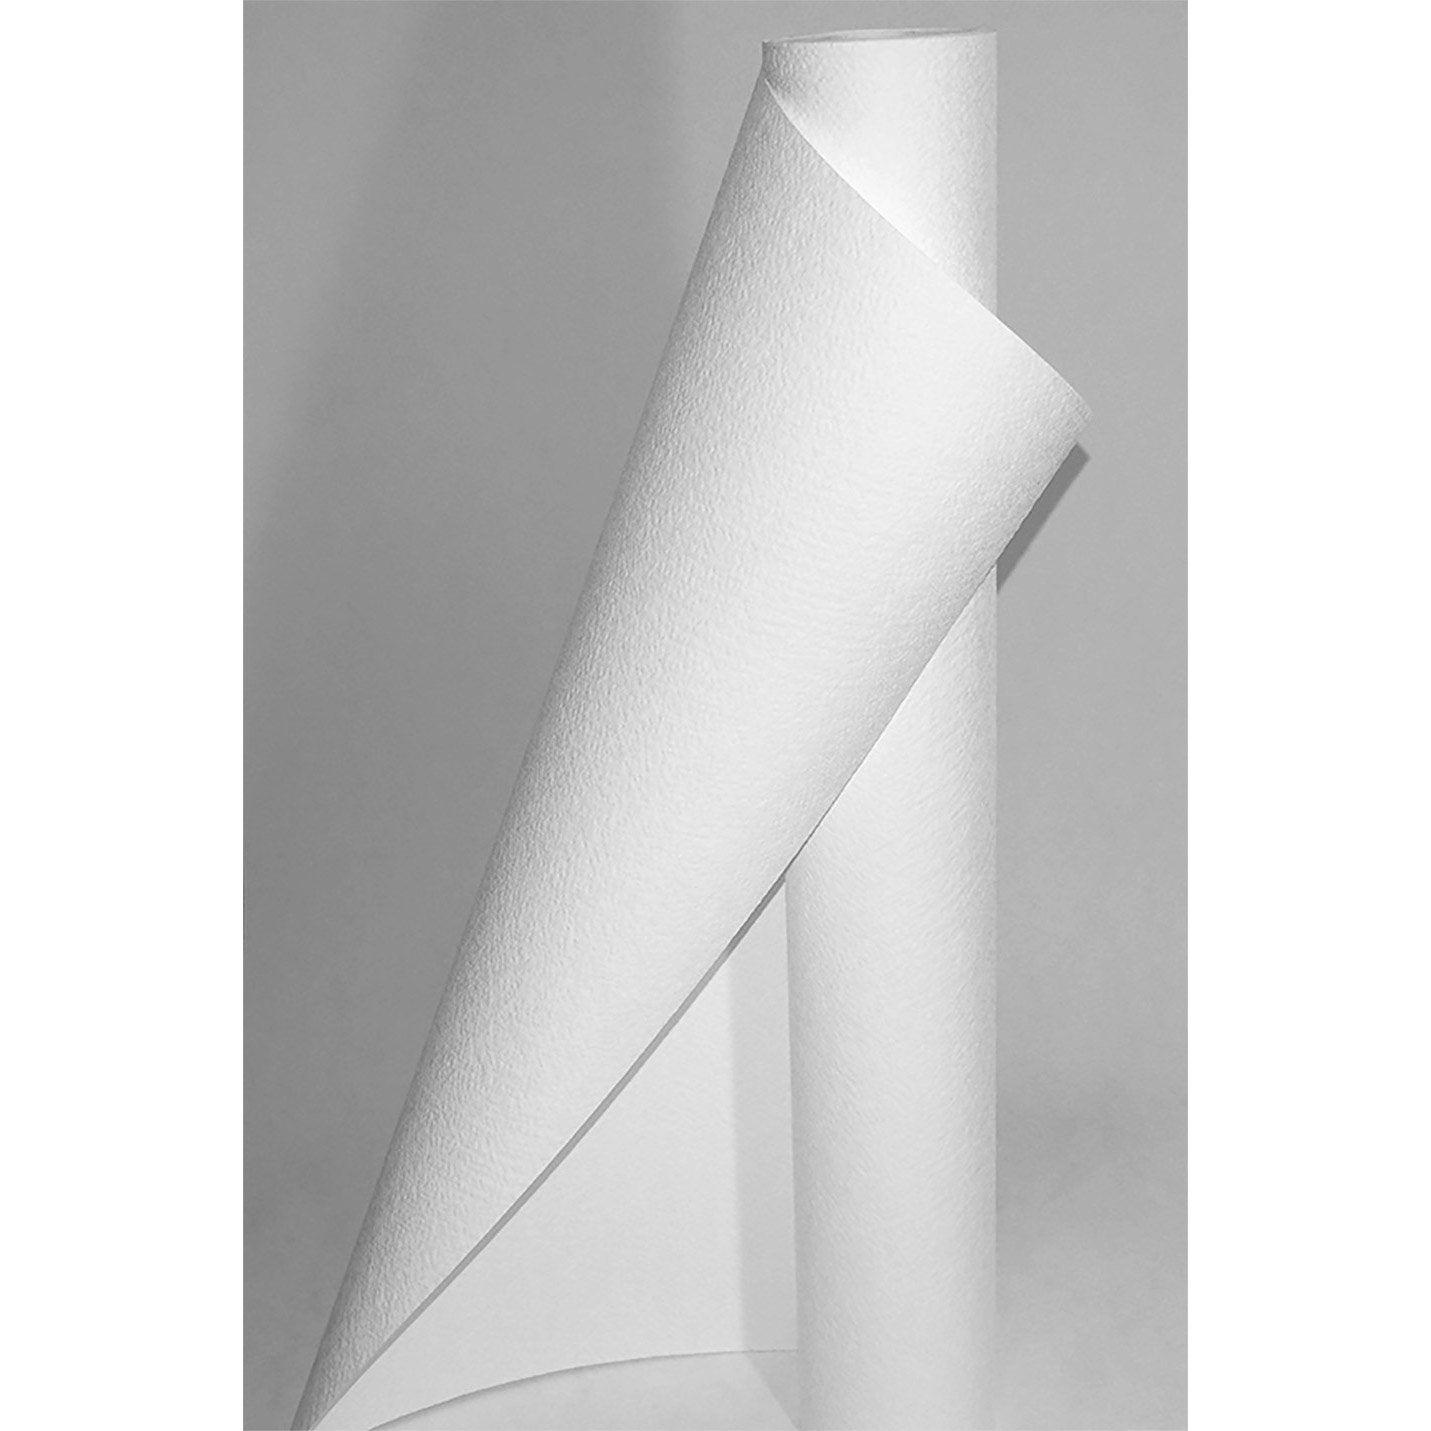 Fibre de verre taloch pr peint pr peint 210 g m leroy for Toile de verre plafond salle de bain